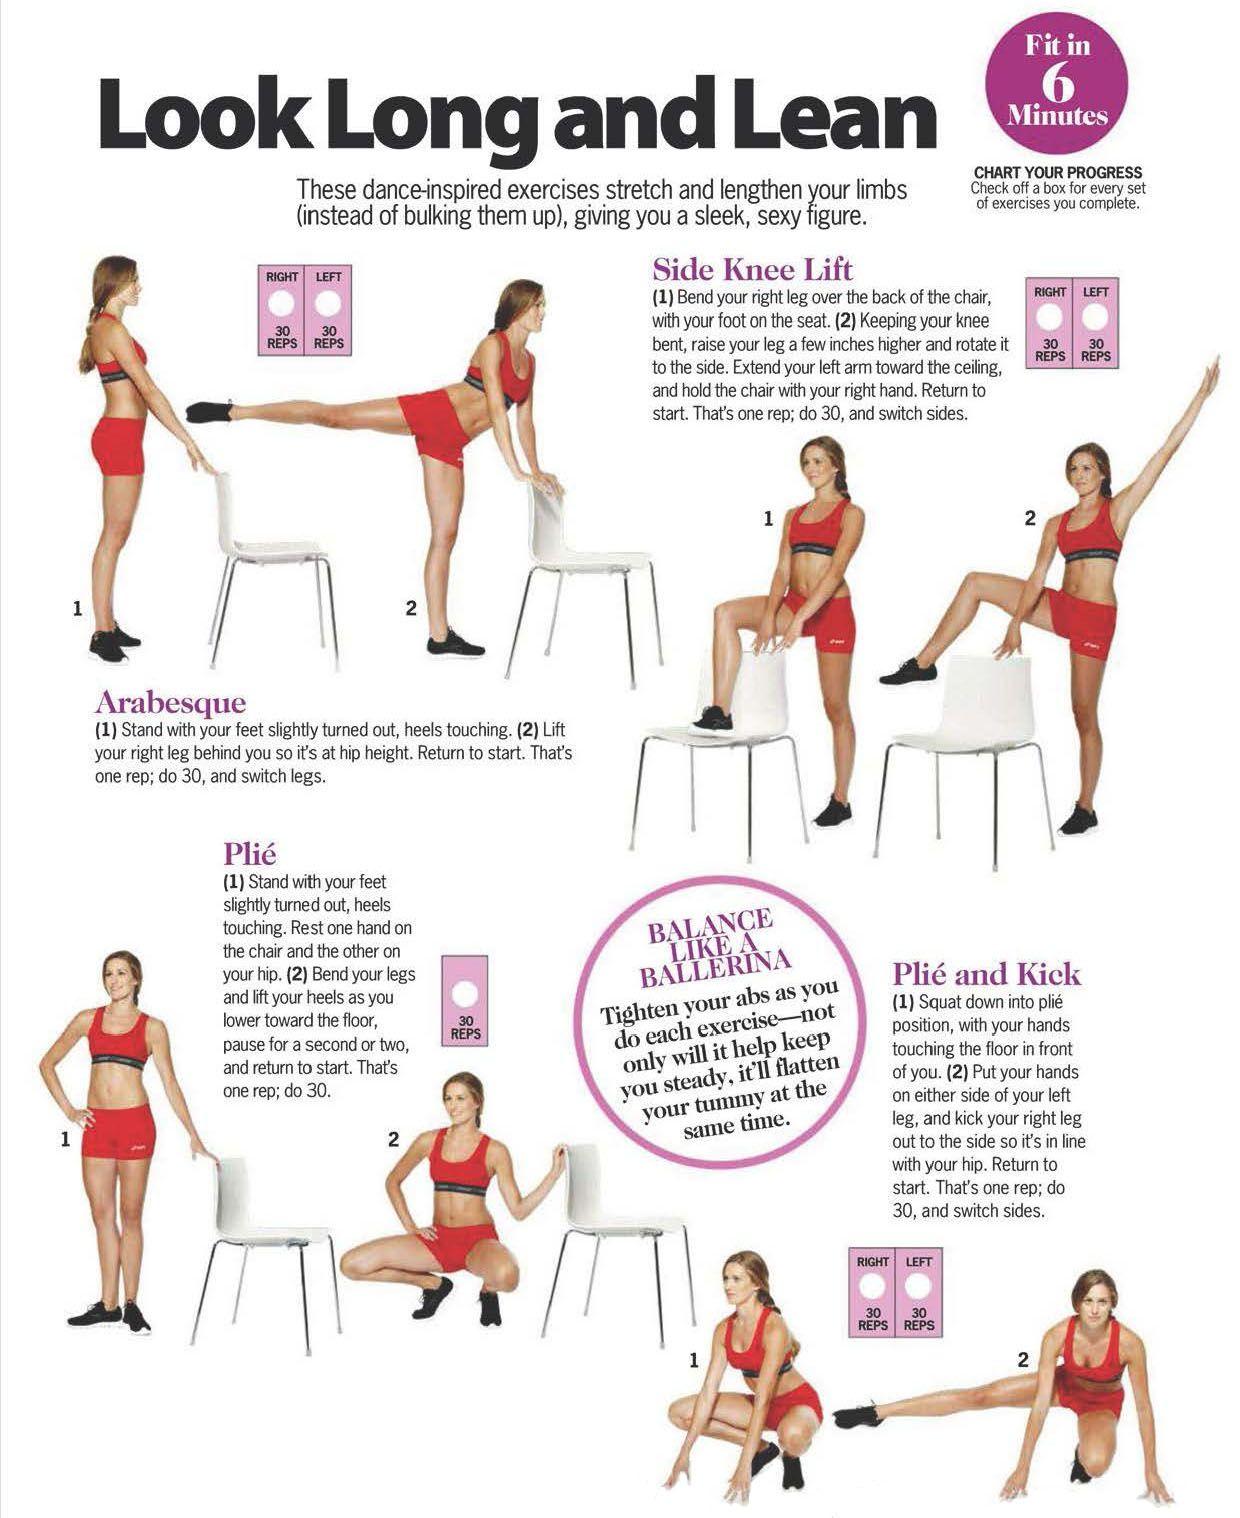 Pin von Yuchi Huang auf Health & Fitness | Pinterest | Knochen und ...